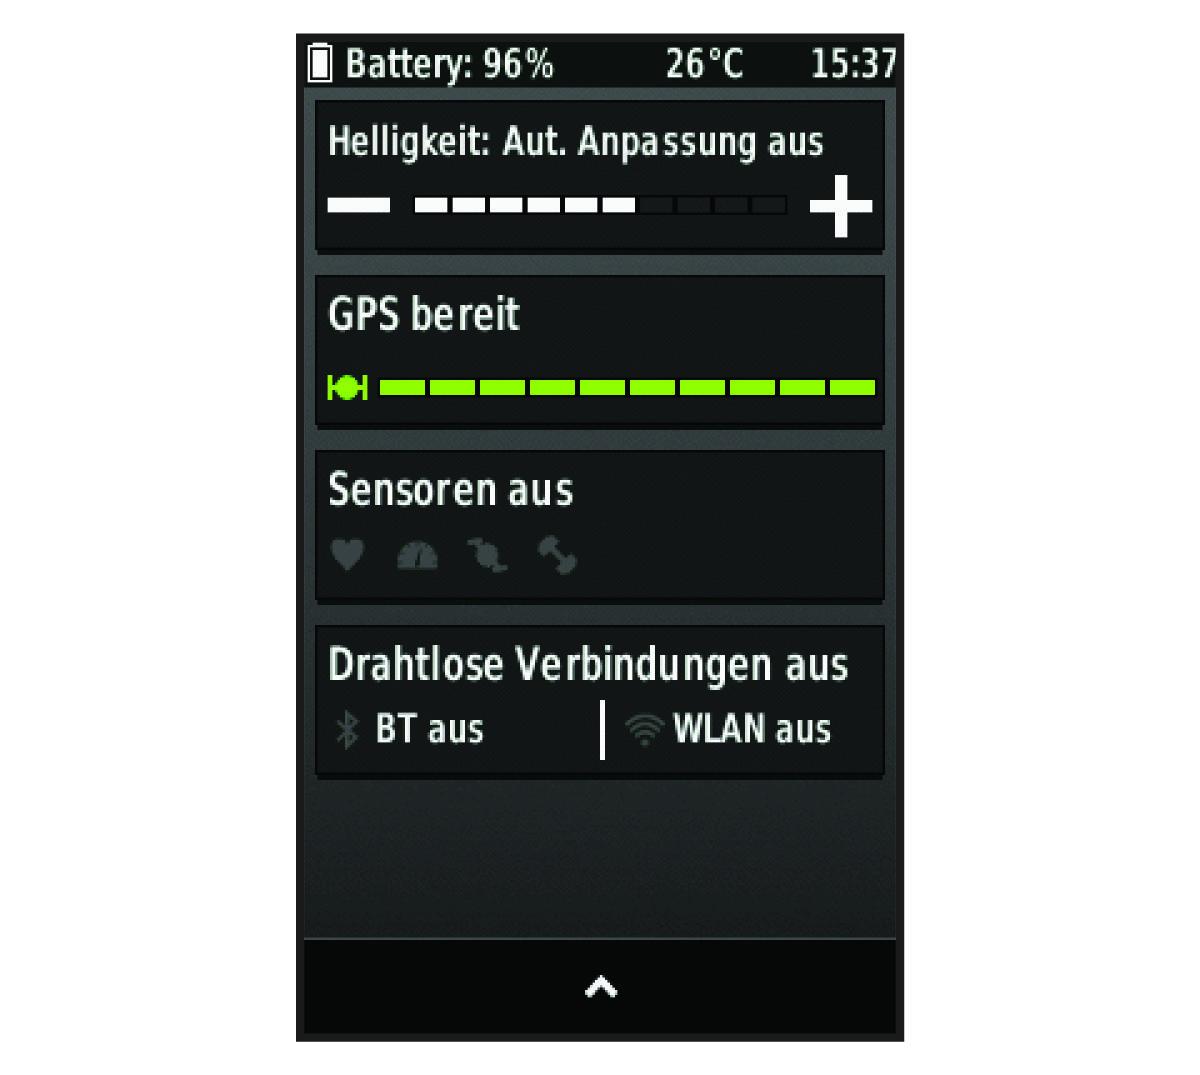 Edge 1000 - Anzeigen der Statusseite von Sensoren und Verbindungen